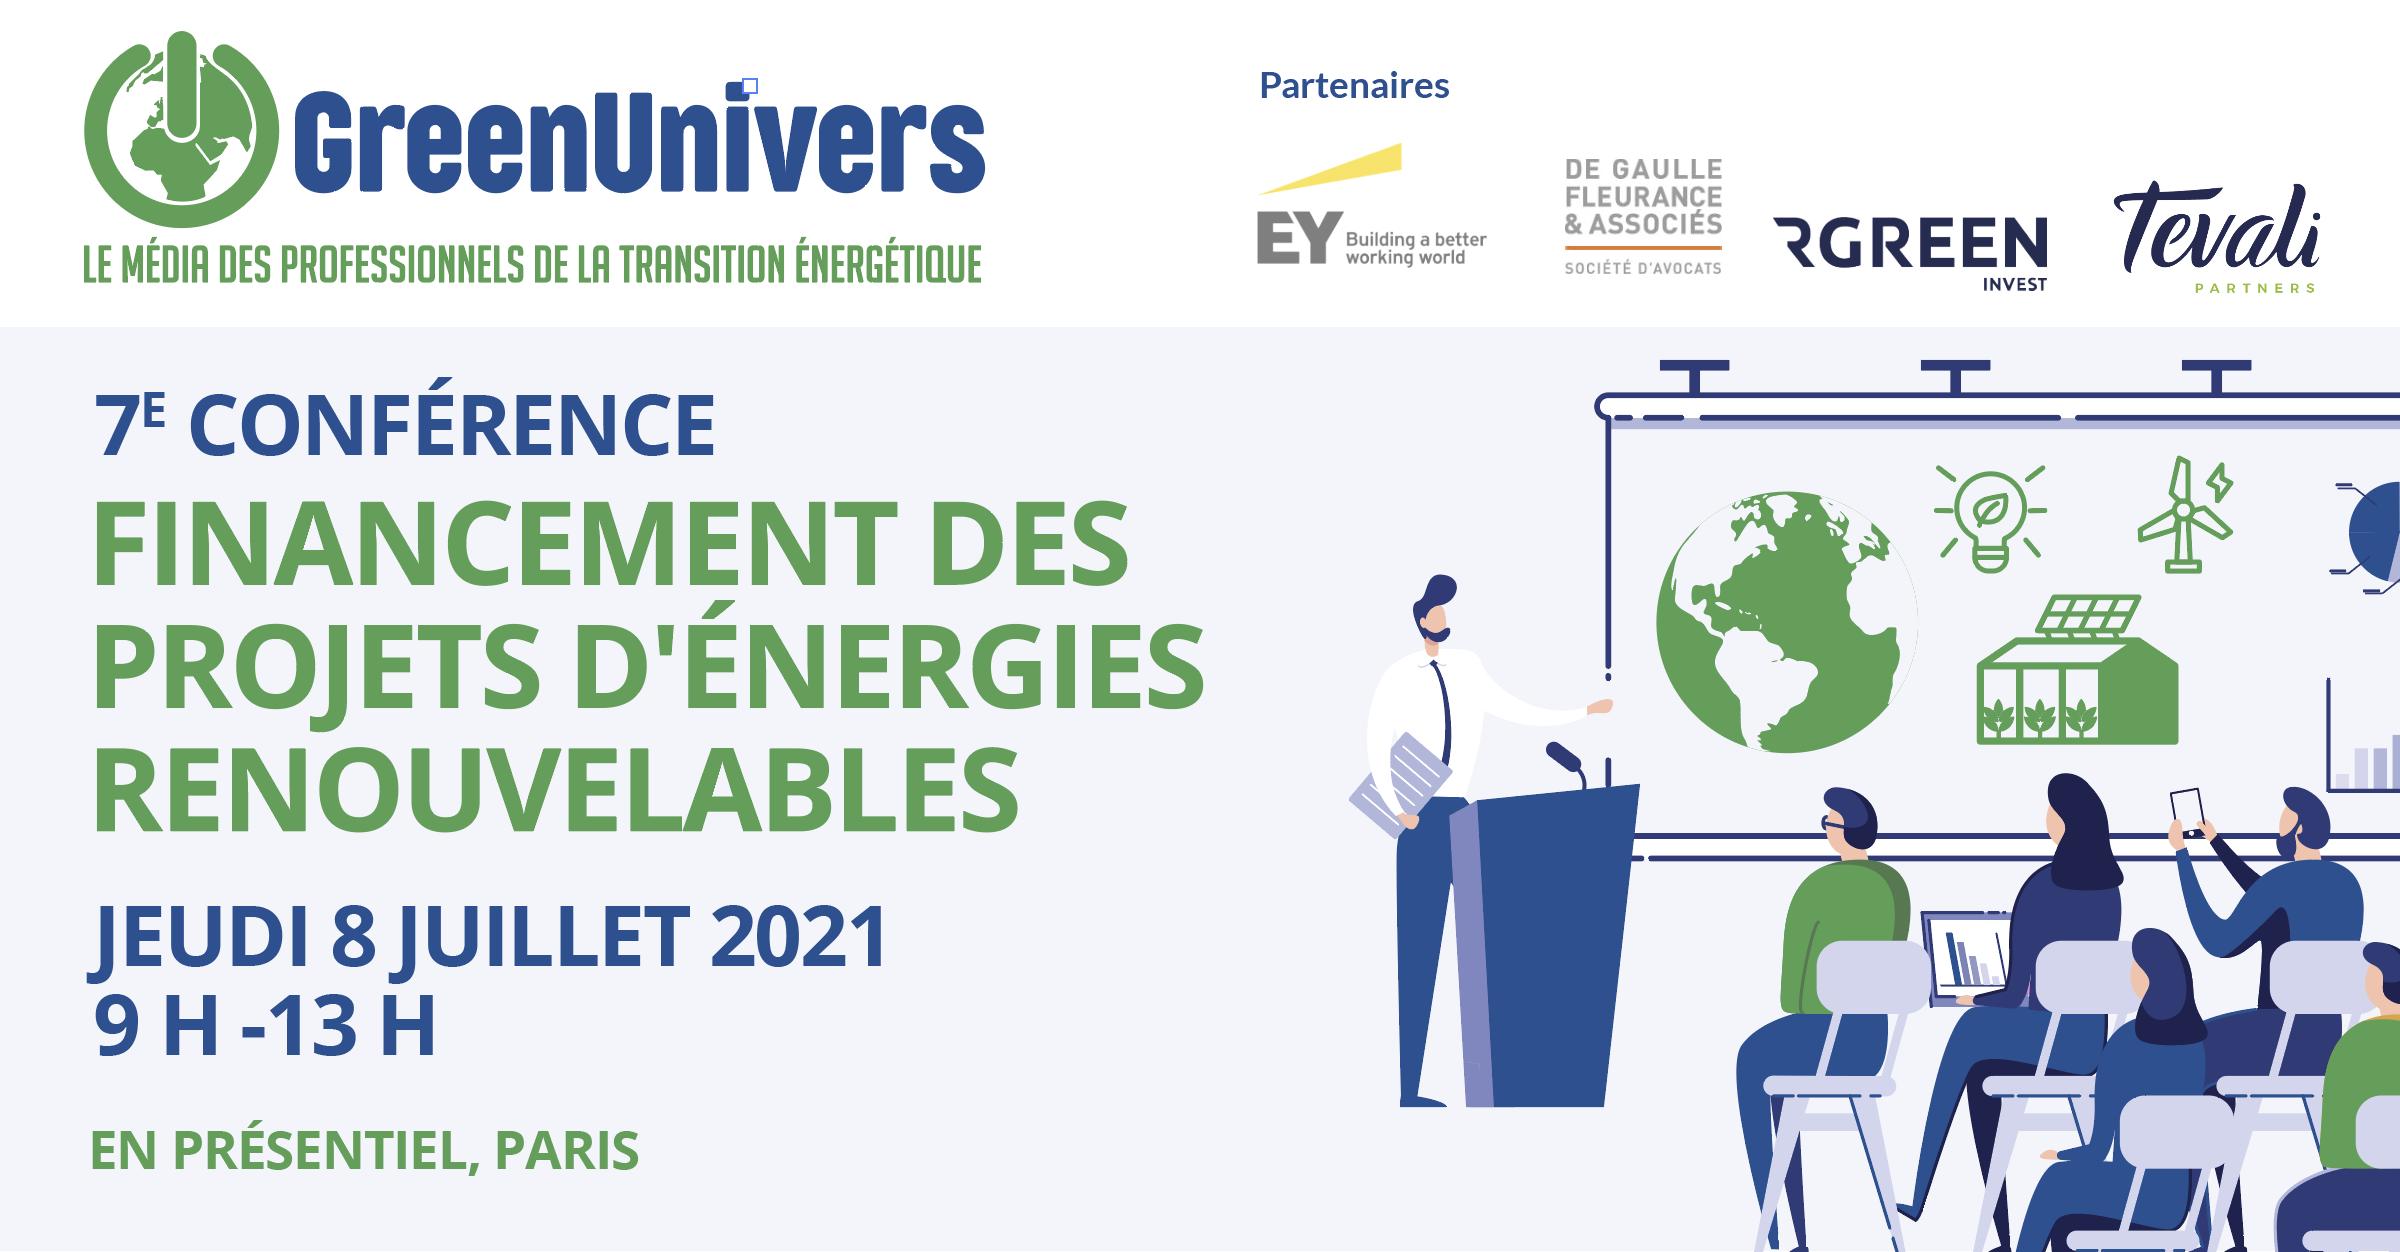 7e conférence Financement des projets d'énergies renouvelables